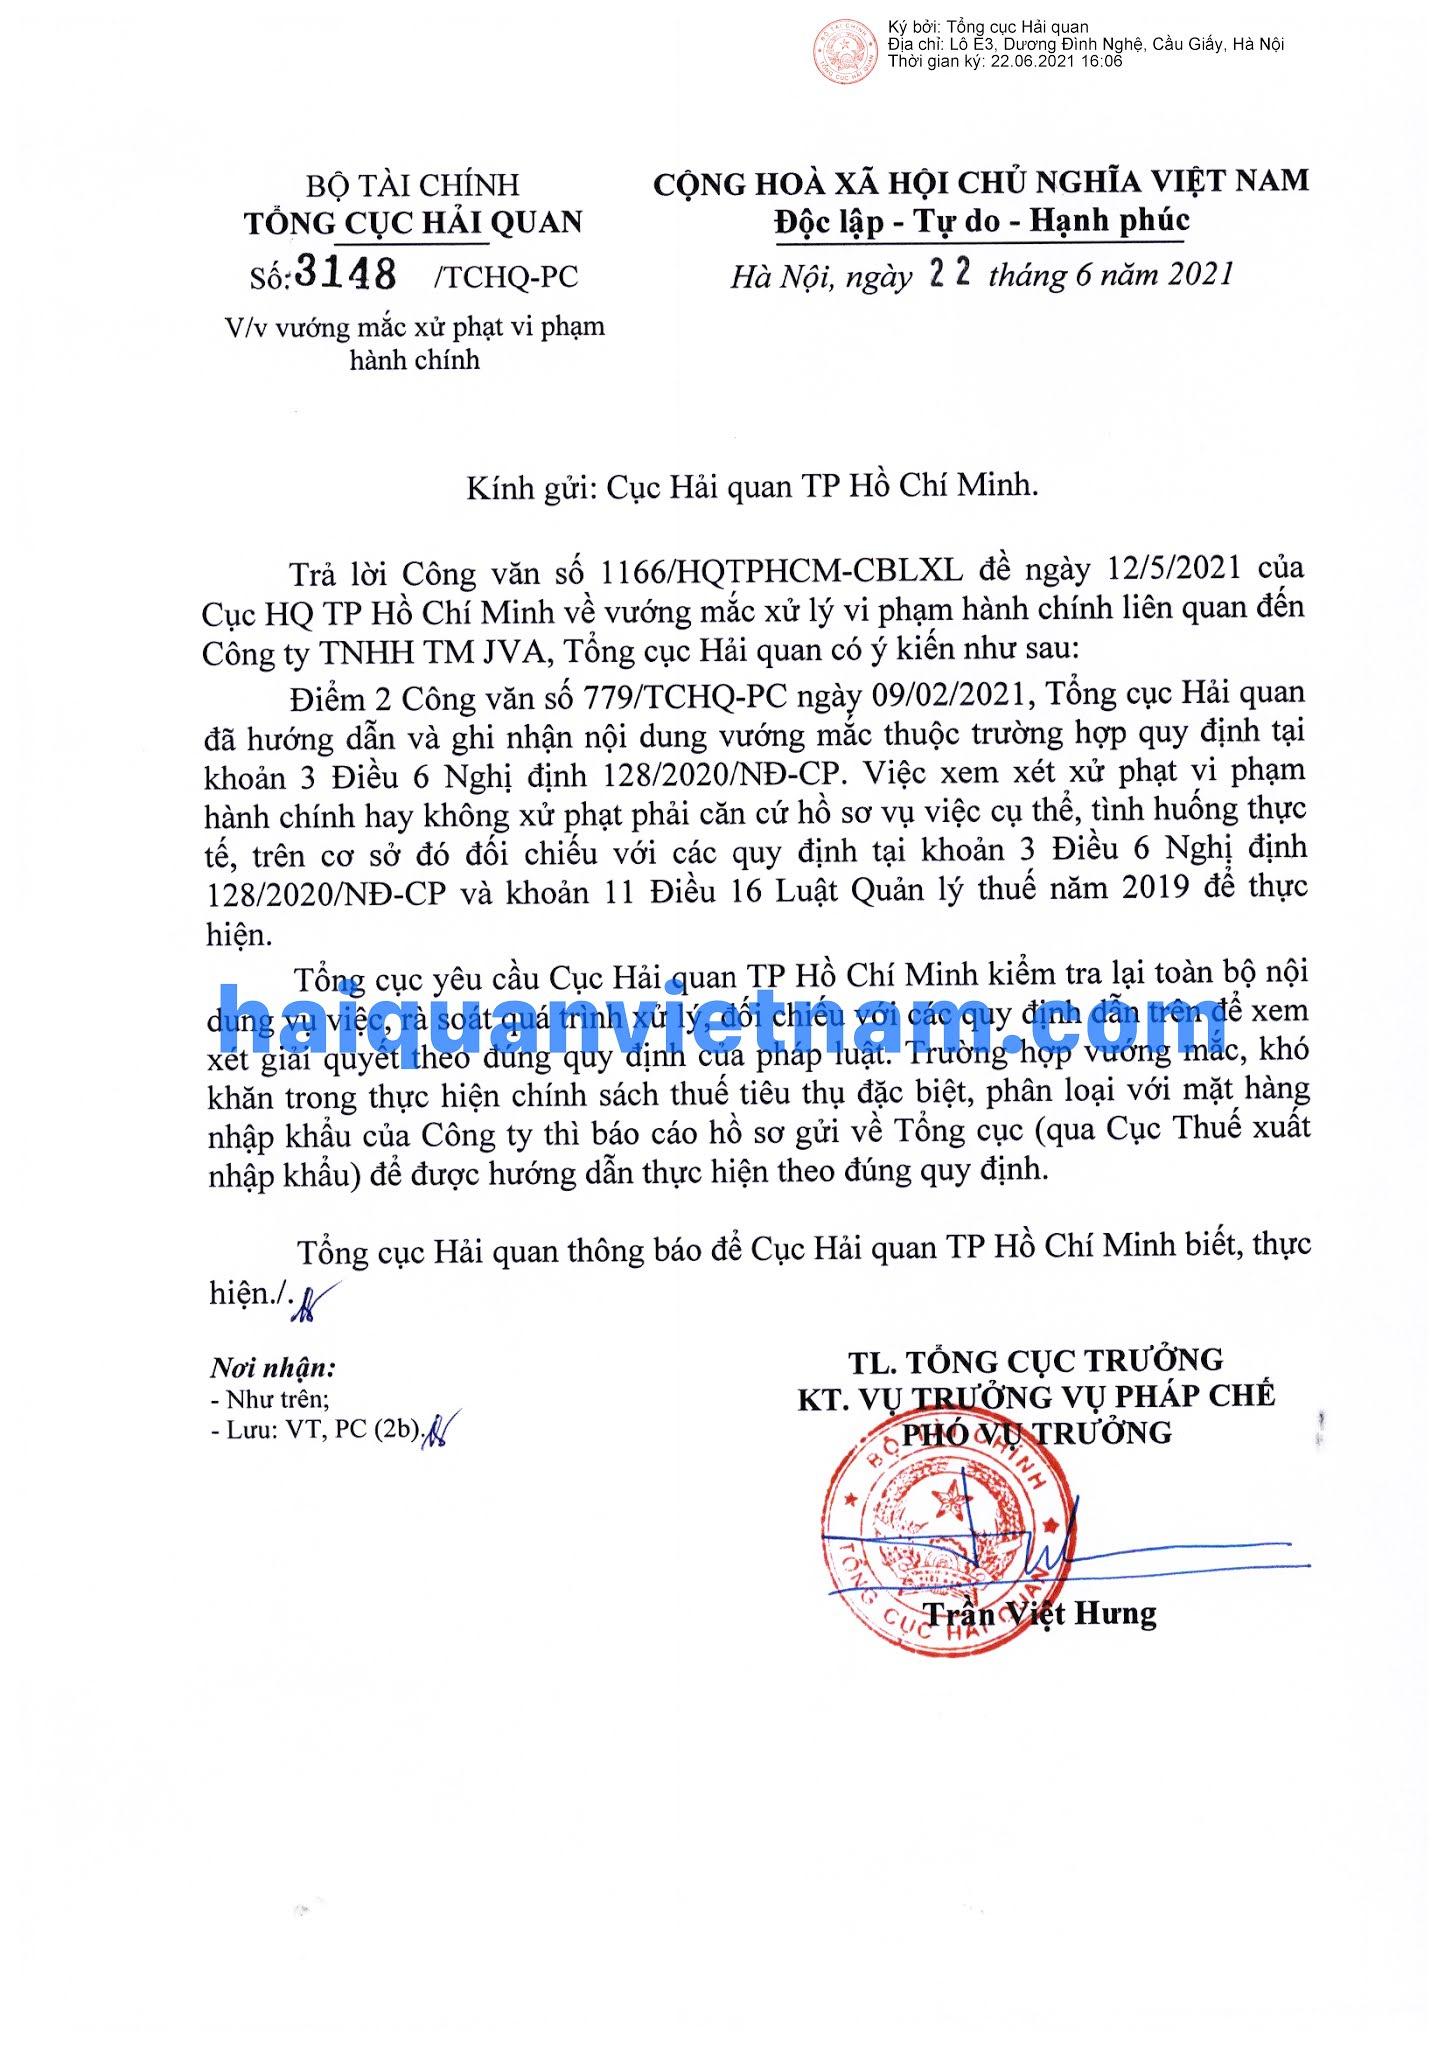 [Image: 210622_3148_TCHQ-PC_haiquanvietnam_01.jpg]